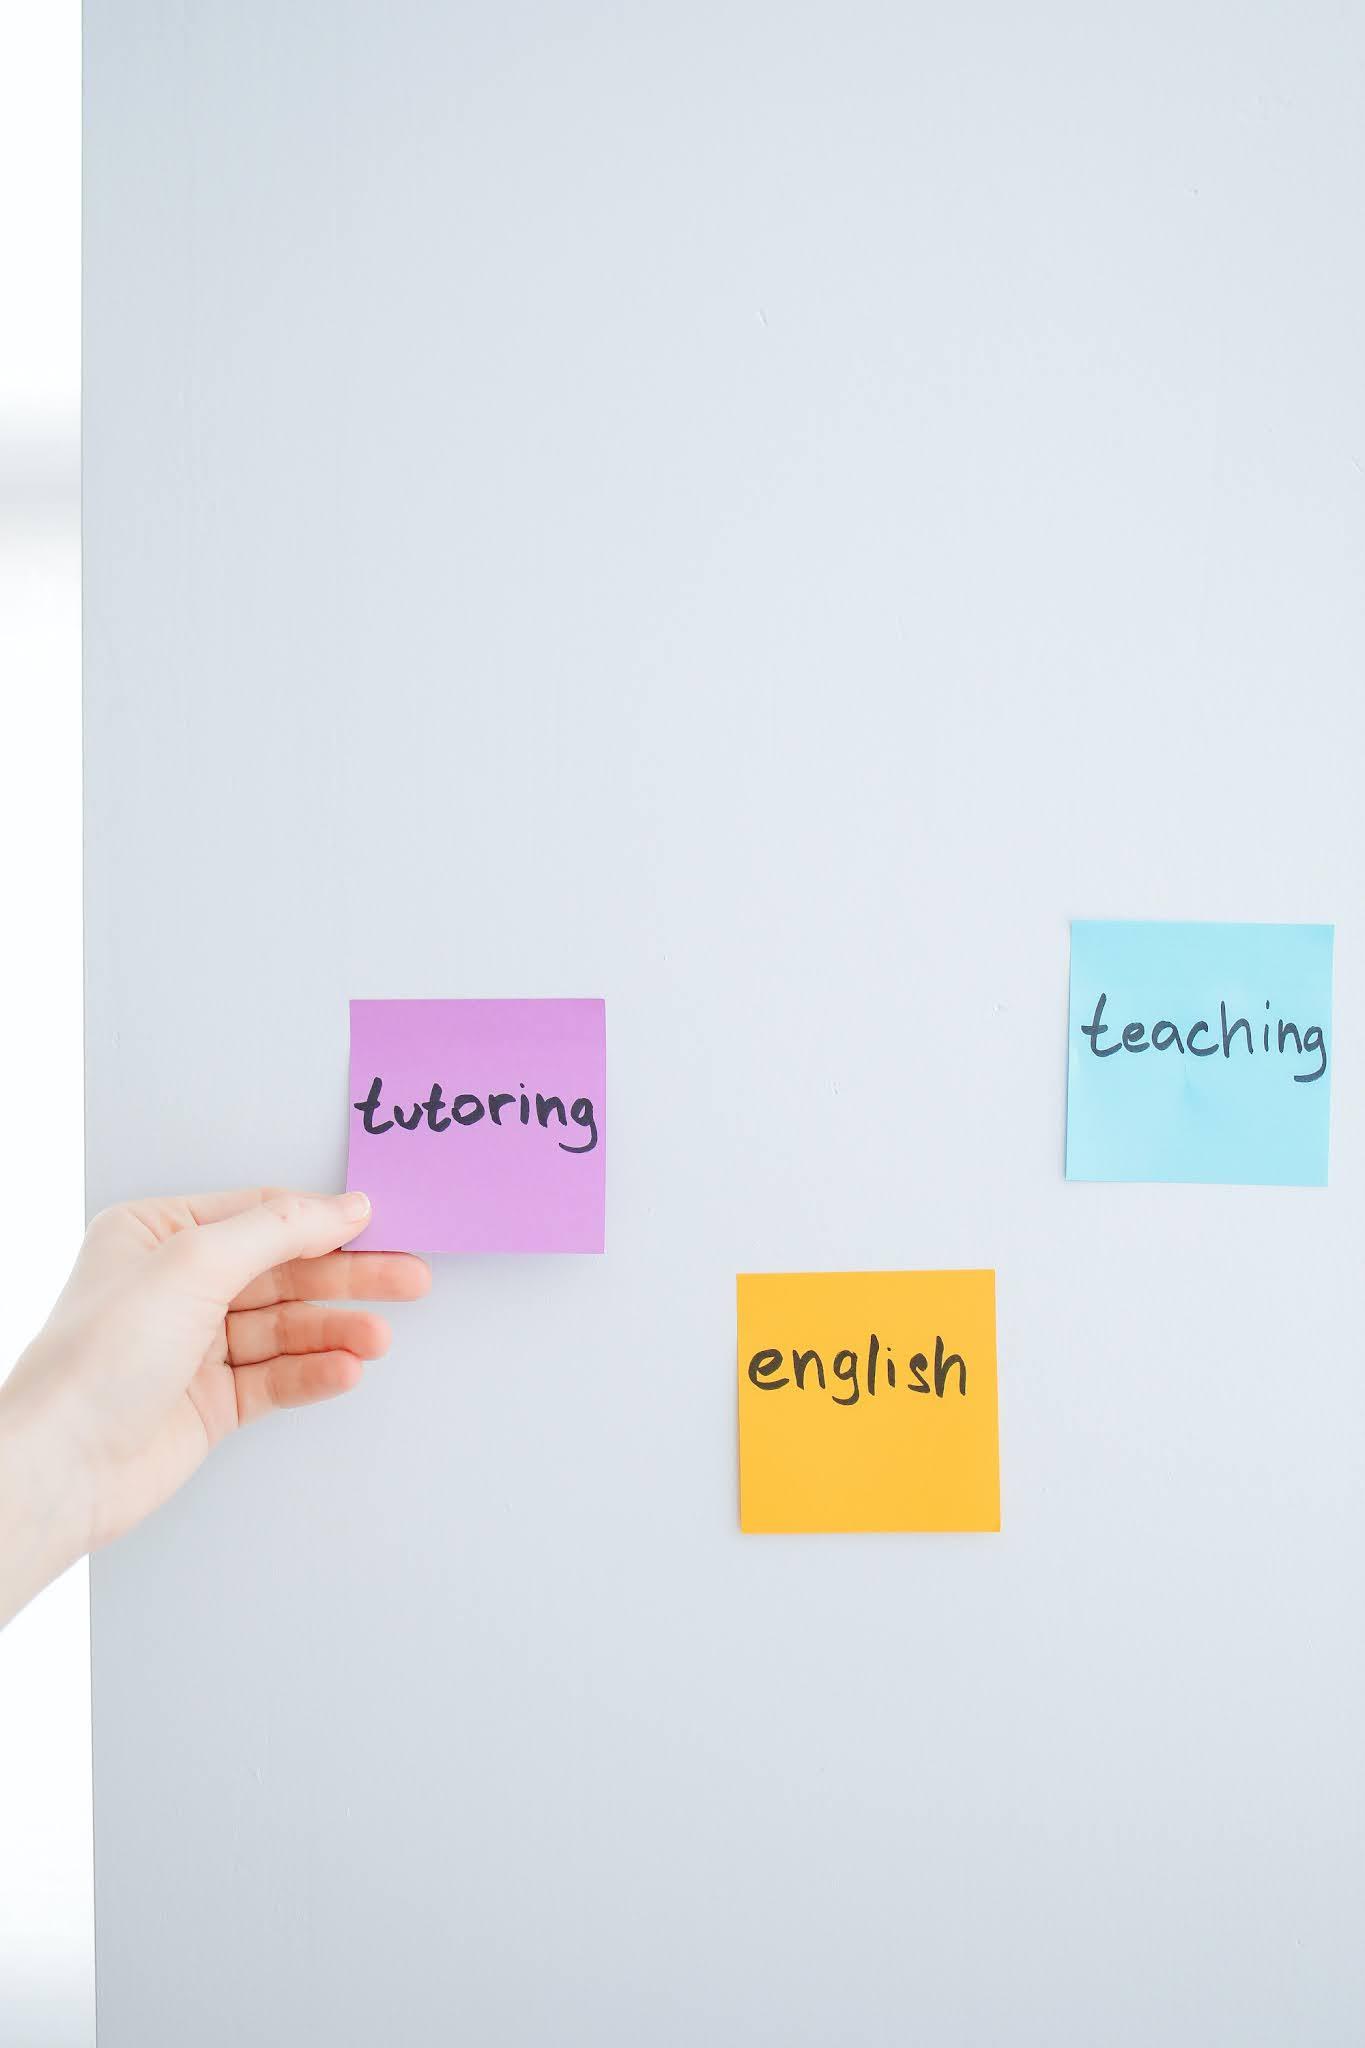 ইংরেজি শিক্ষা